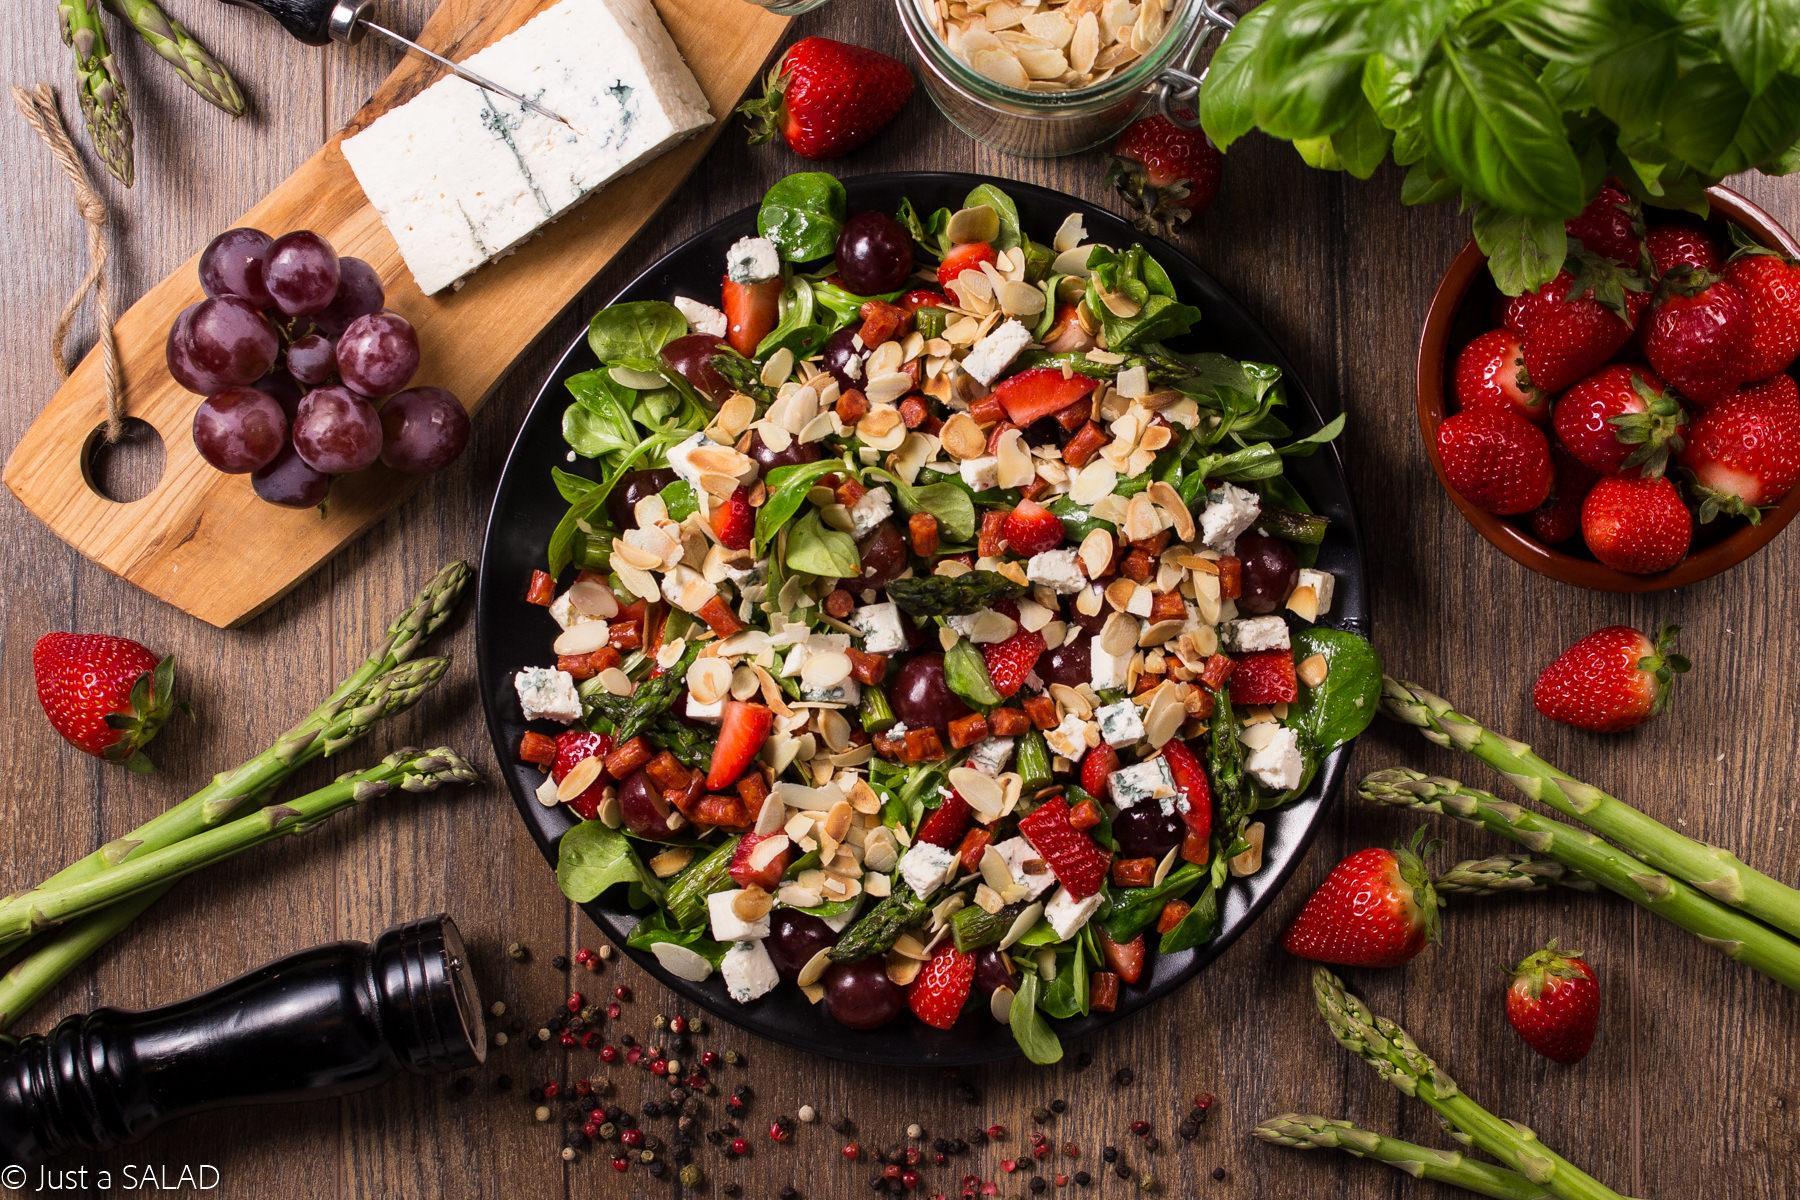 LETNI EPIZOD. Sałatka z truskawkami, winogronami, kabanosami, serem z niebieską pleśnią, szparagami, płatkami migdałowymi.